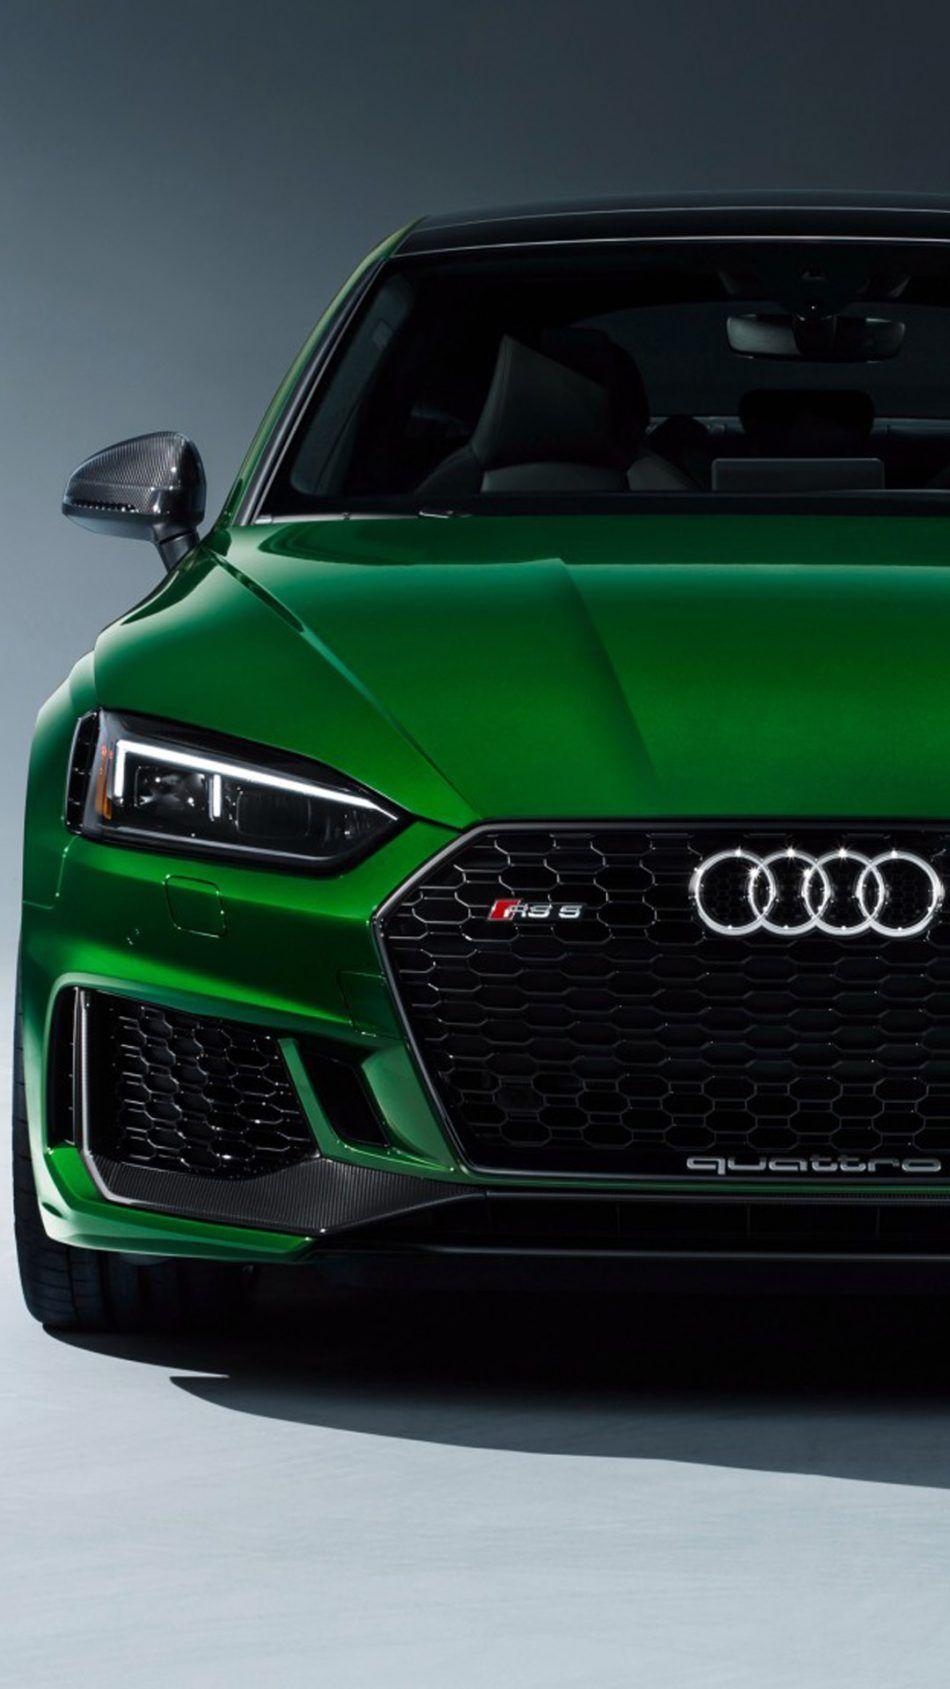 Greem Audi RS 5 Sportback | Car Wallpapers | Audi, Audi rs, Audi rs5 sportback